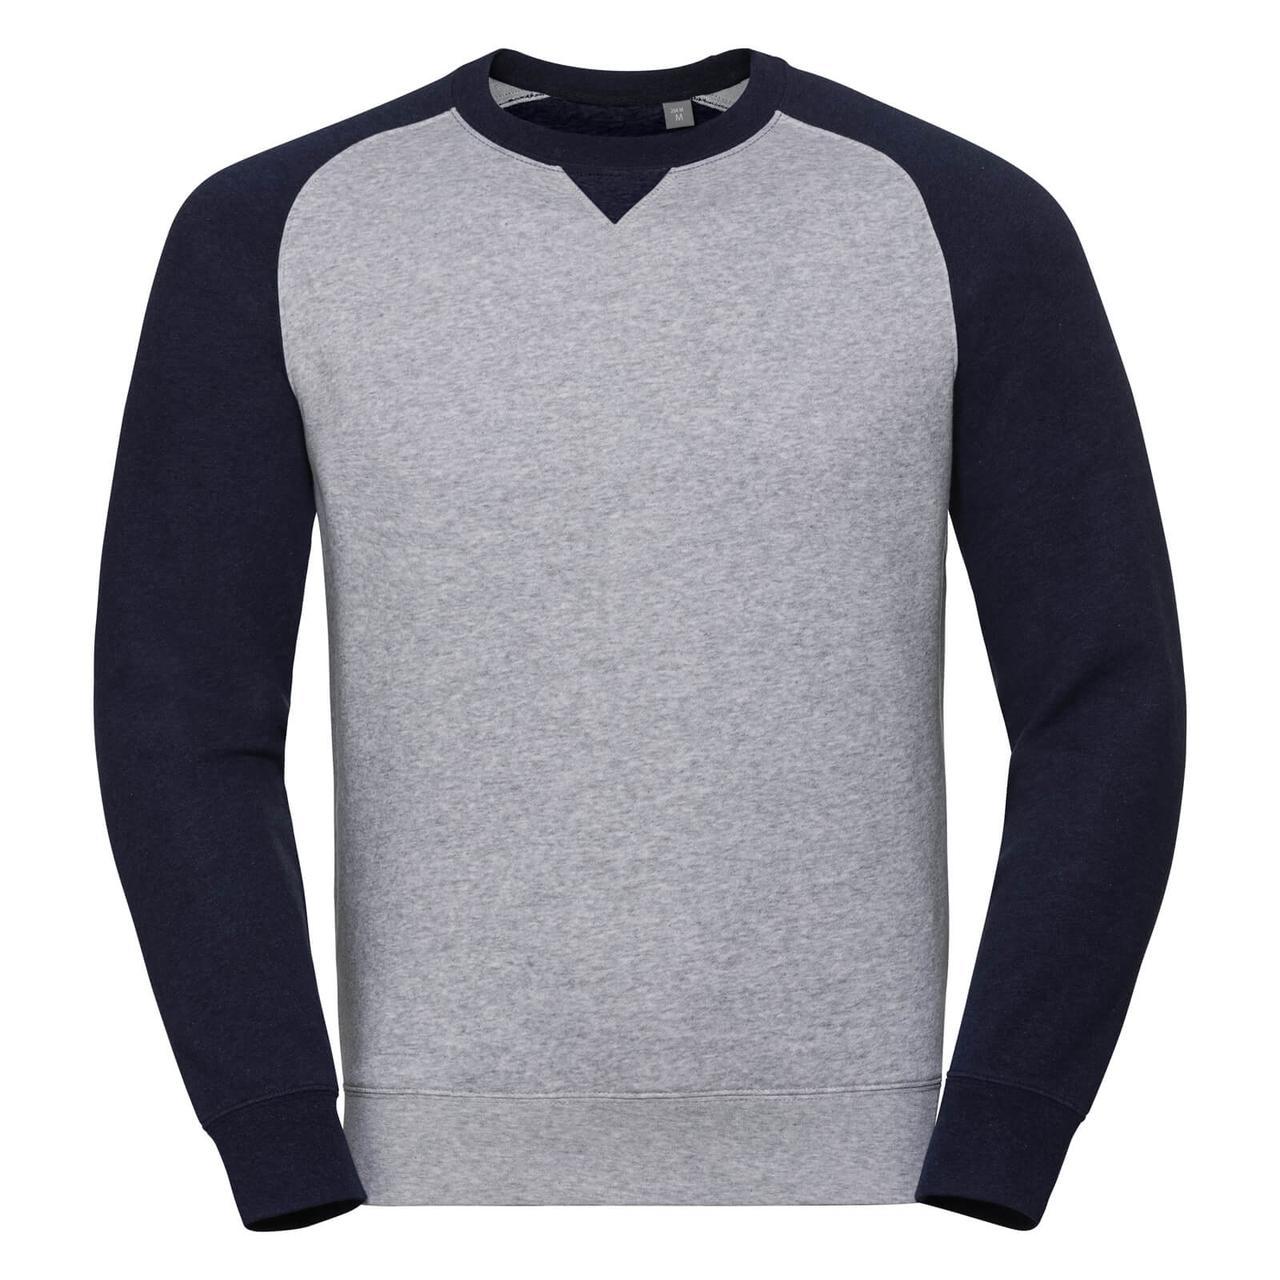 Мужской свитер бейсбольный с синими рукавами 264-32